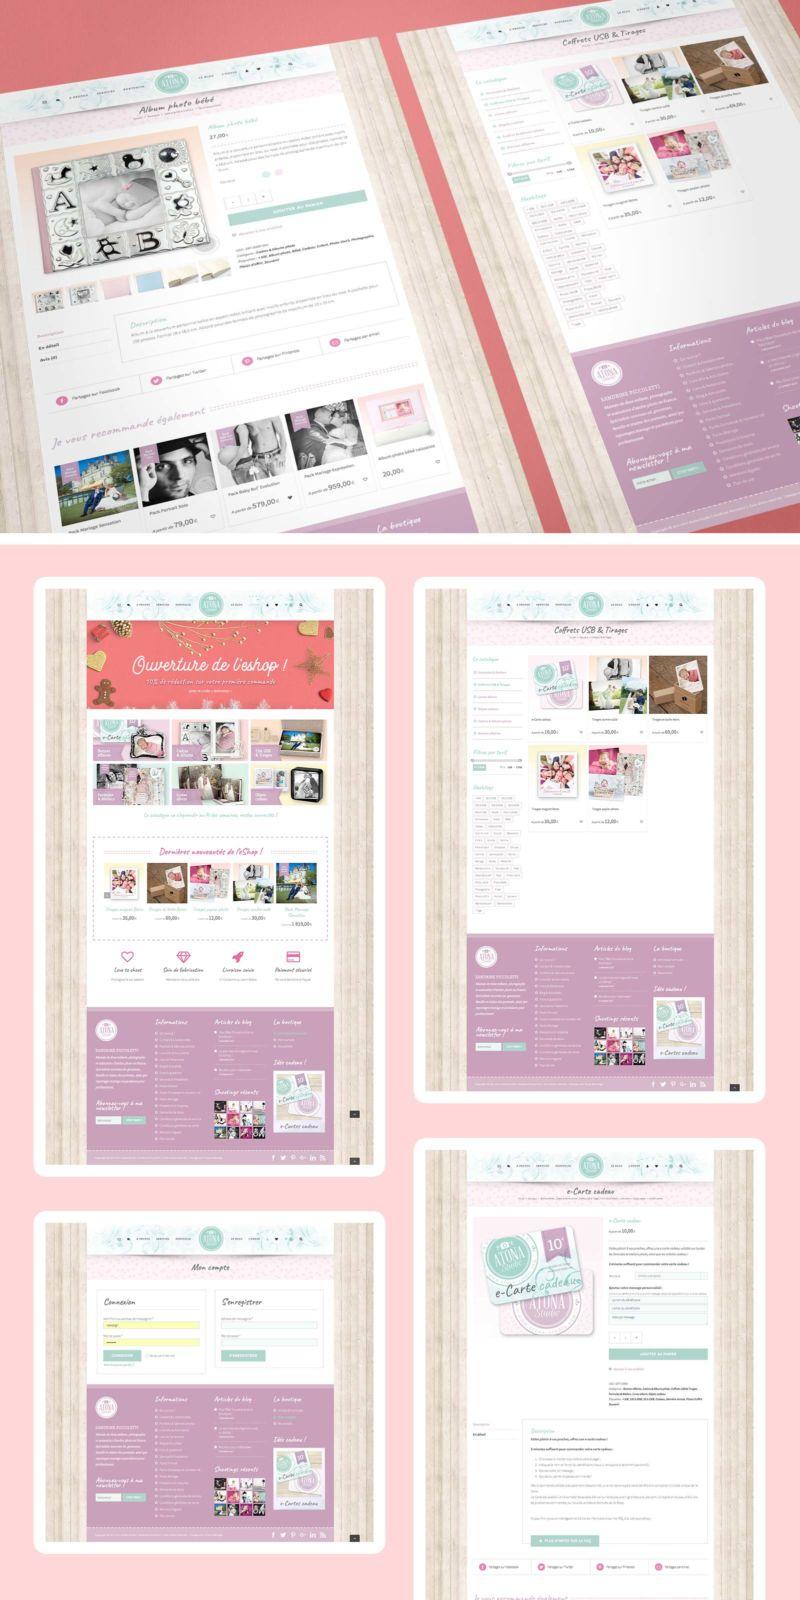 Pages de l'eshop Atona Studio